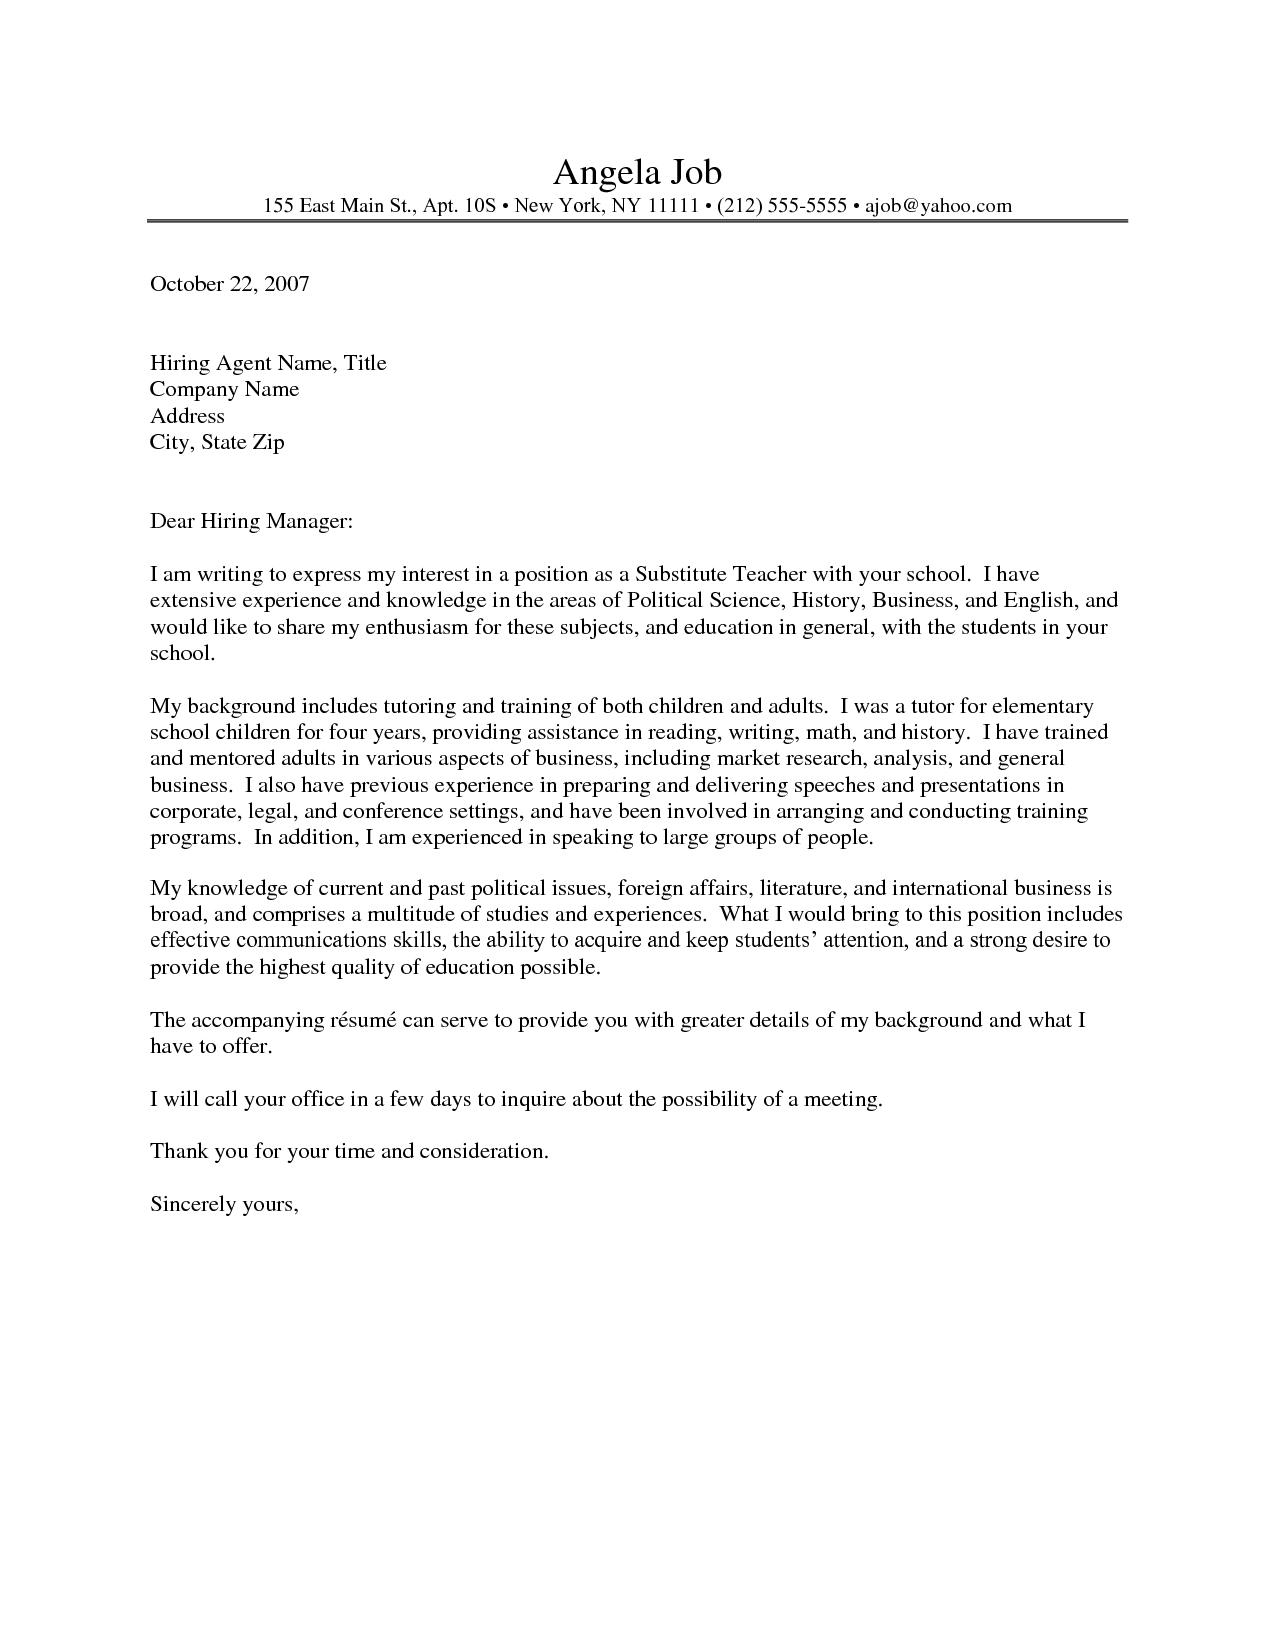 Teacher Cover Letter Elementary Sample Resume Cover Letter Teaching For Fresh Graduates Example